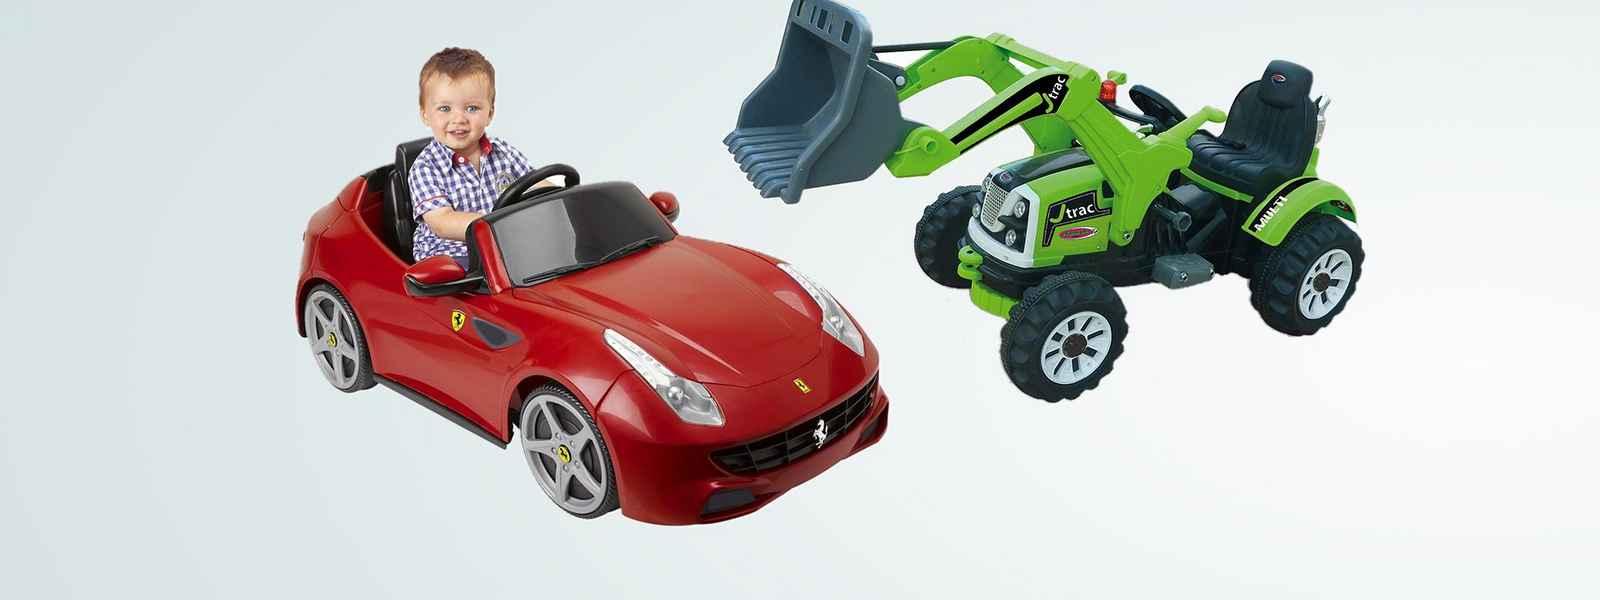 Kinder-Elektrofahrzeug